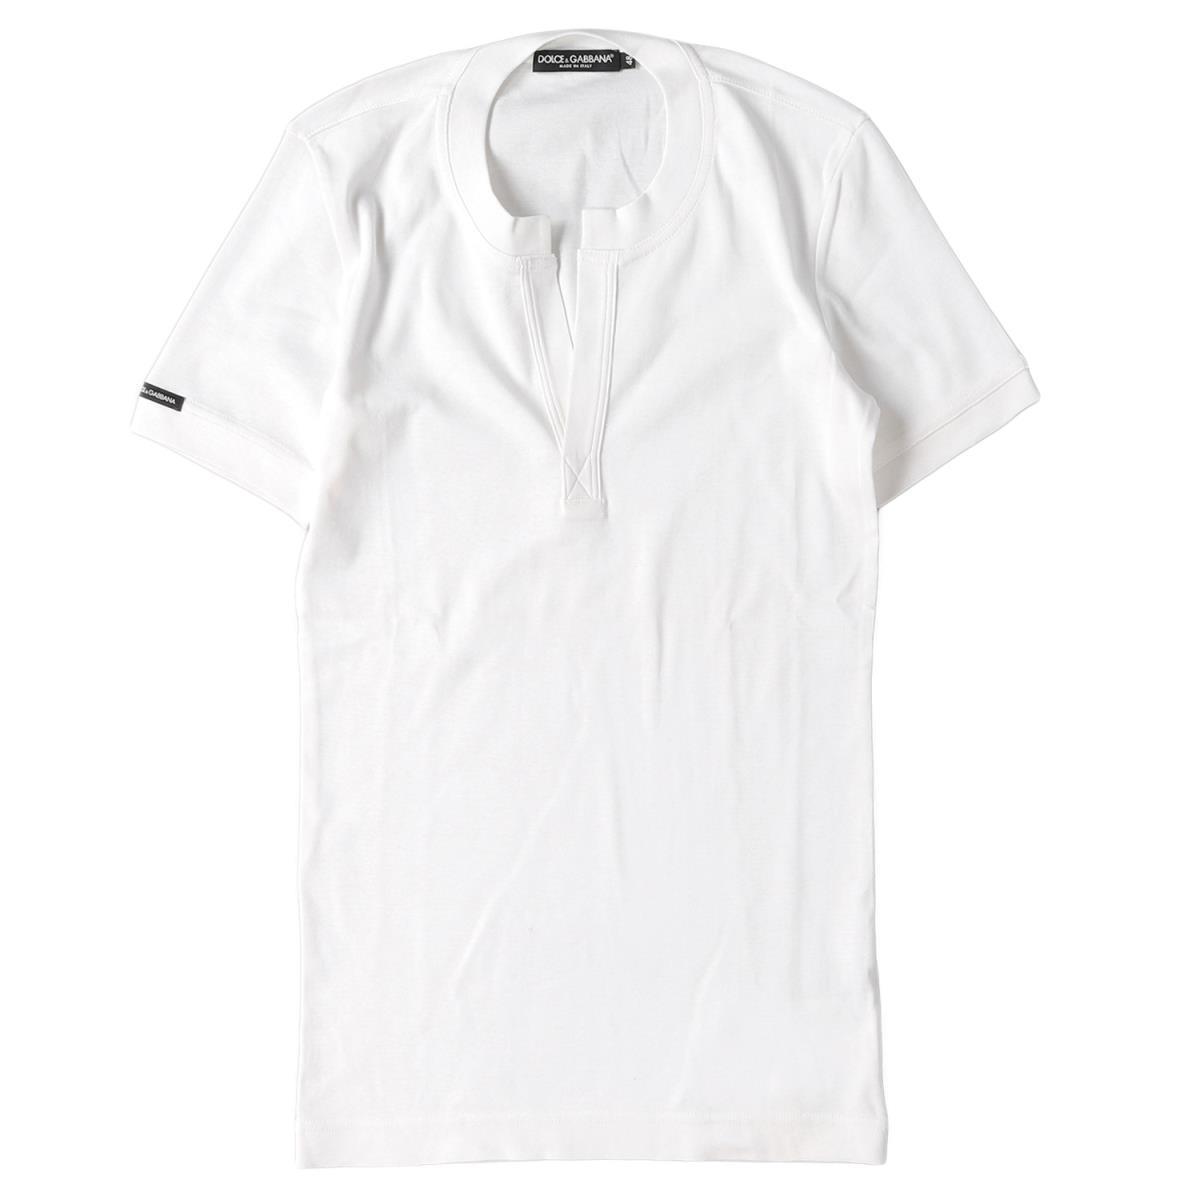 美品 DOLCE&GABBANA ドルチェ&ガッバーナ コットン キーネック Tシャツ ホワイト 48